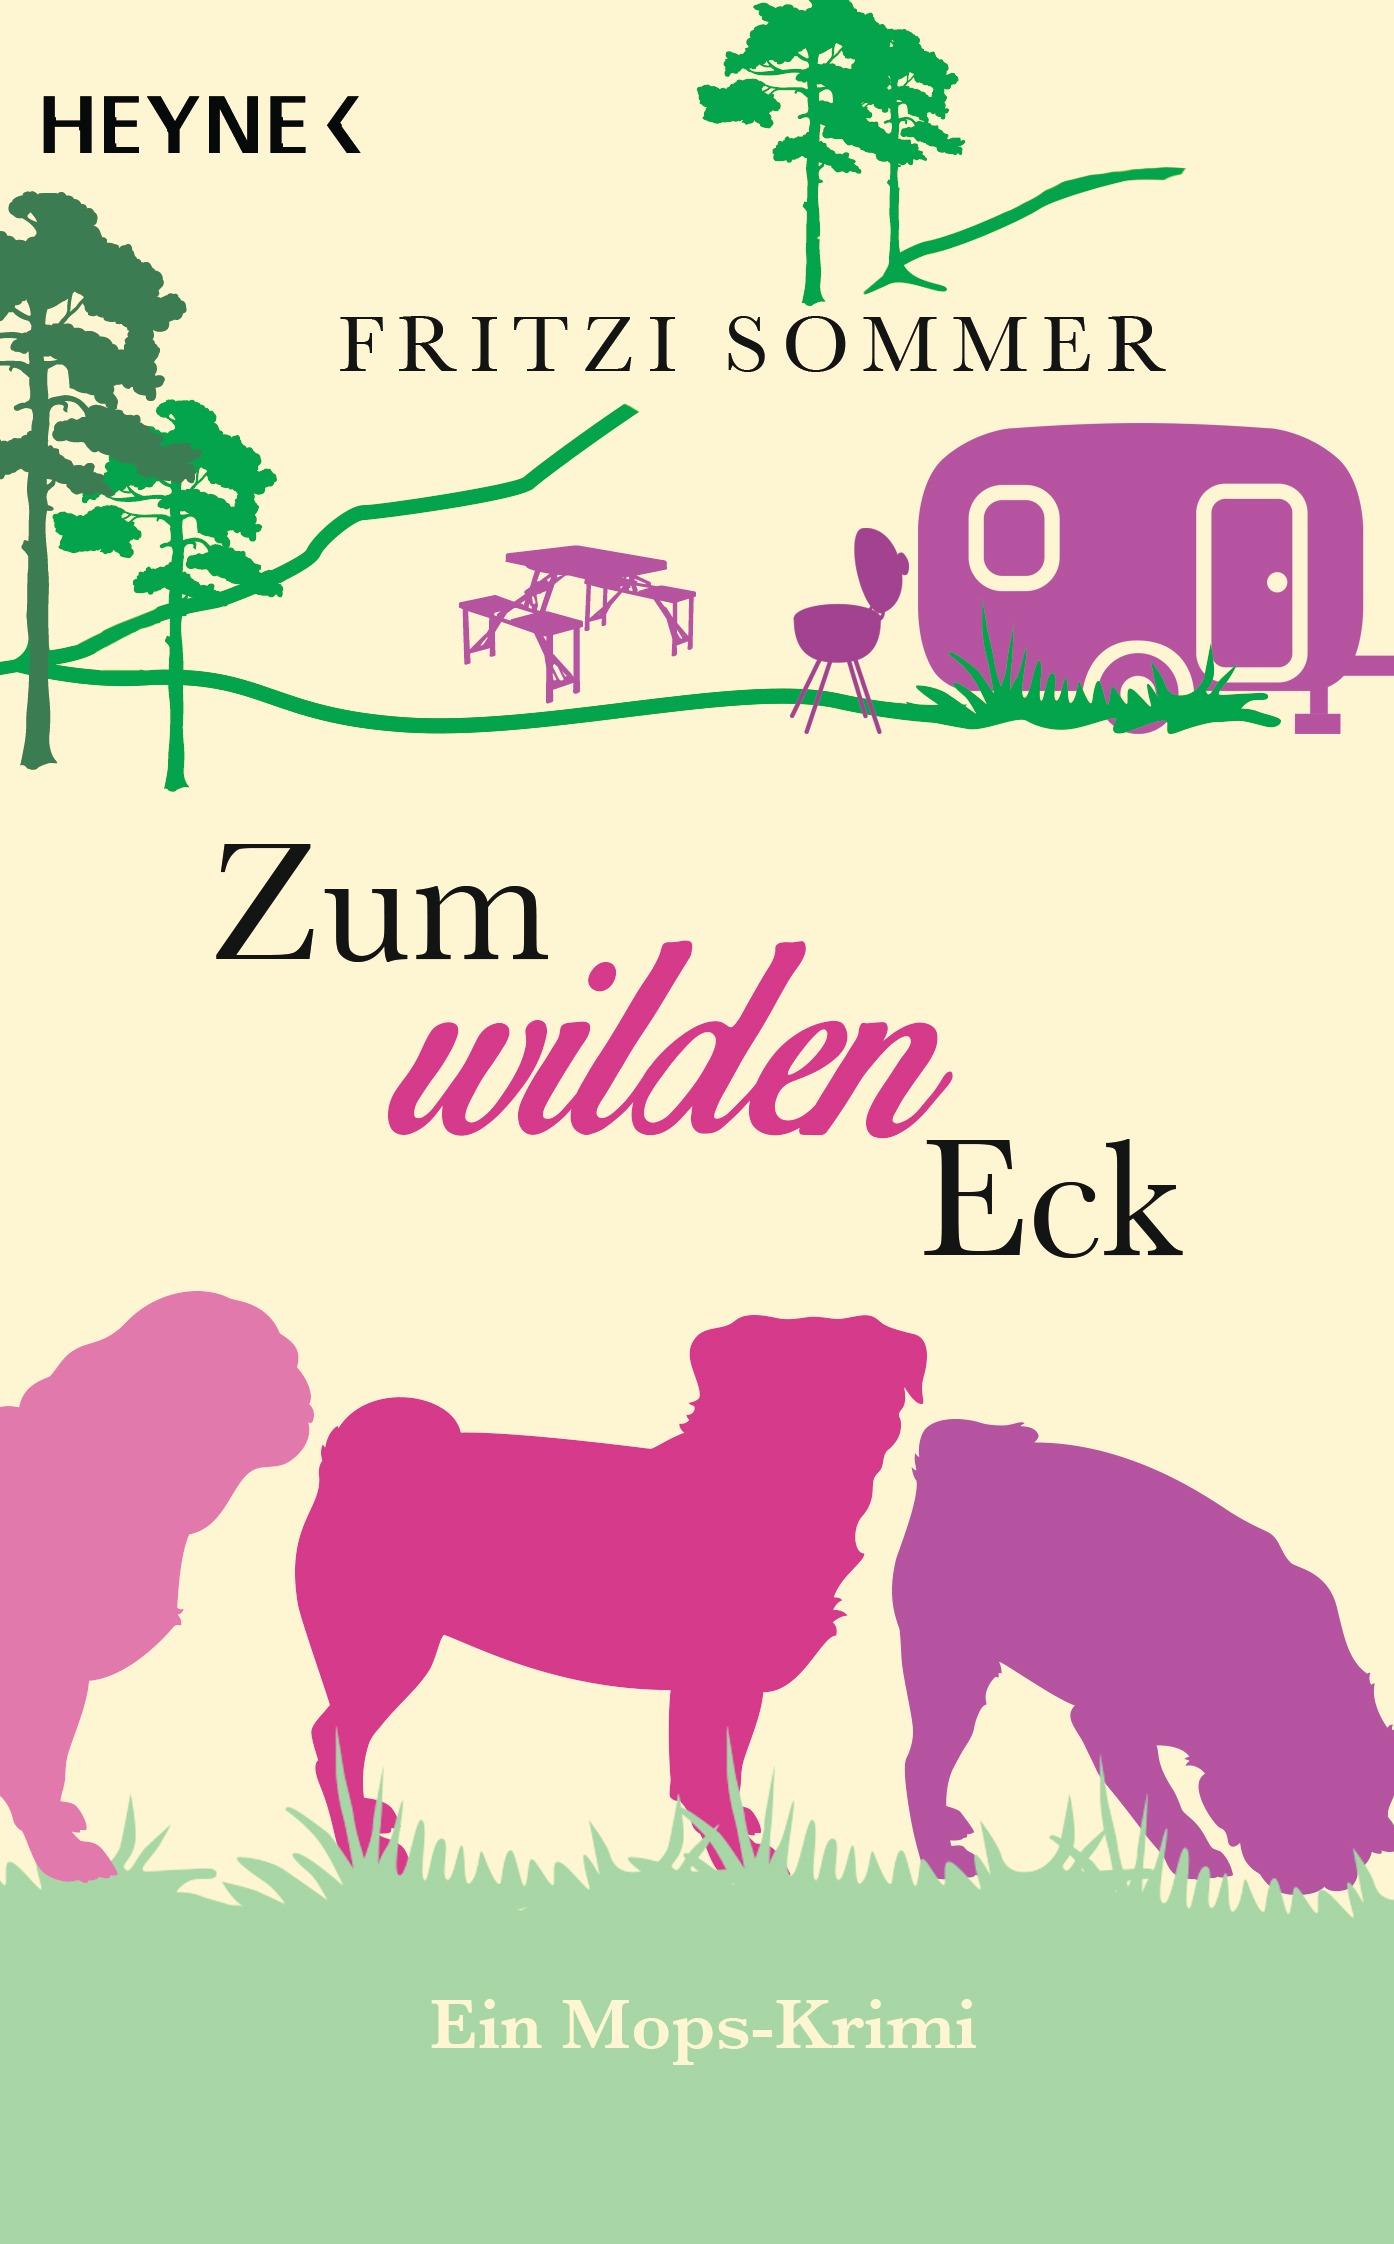 Zum wilden Eck von Fritzi Sommer © Heyne Verlag